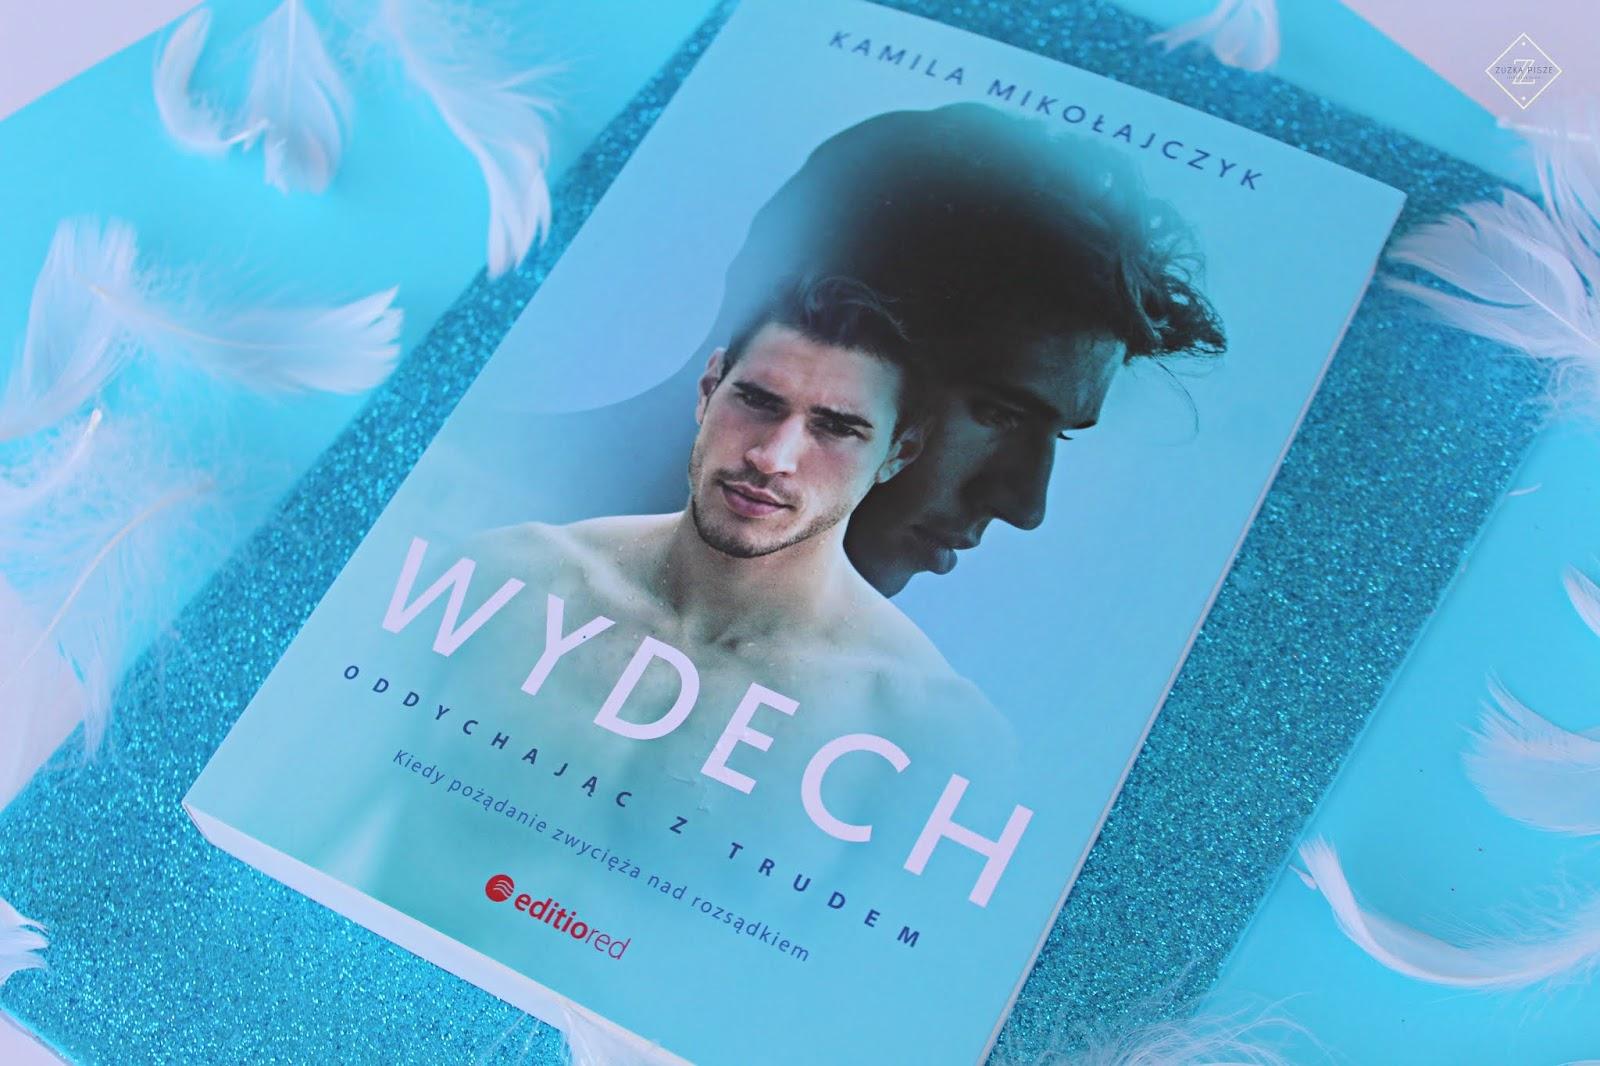 """Kamila Mikołajczyk """"Wydech"""" - przedpremierowa recenzja książki"""